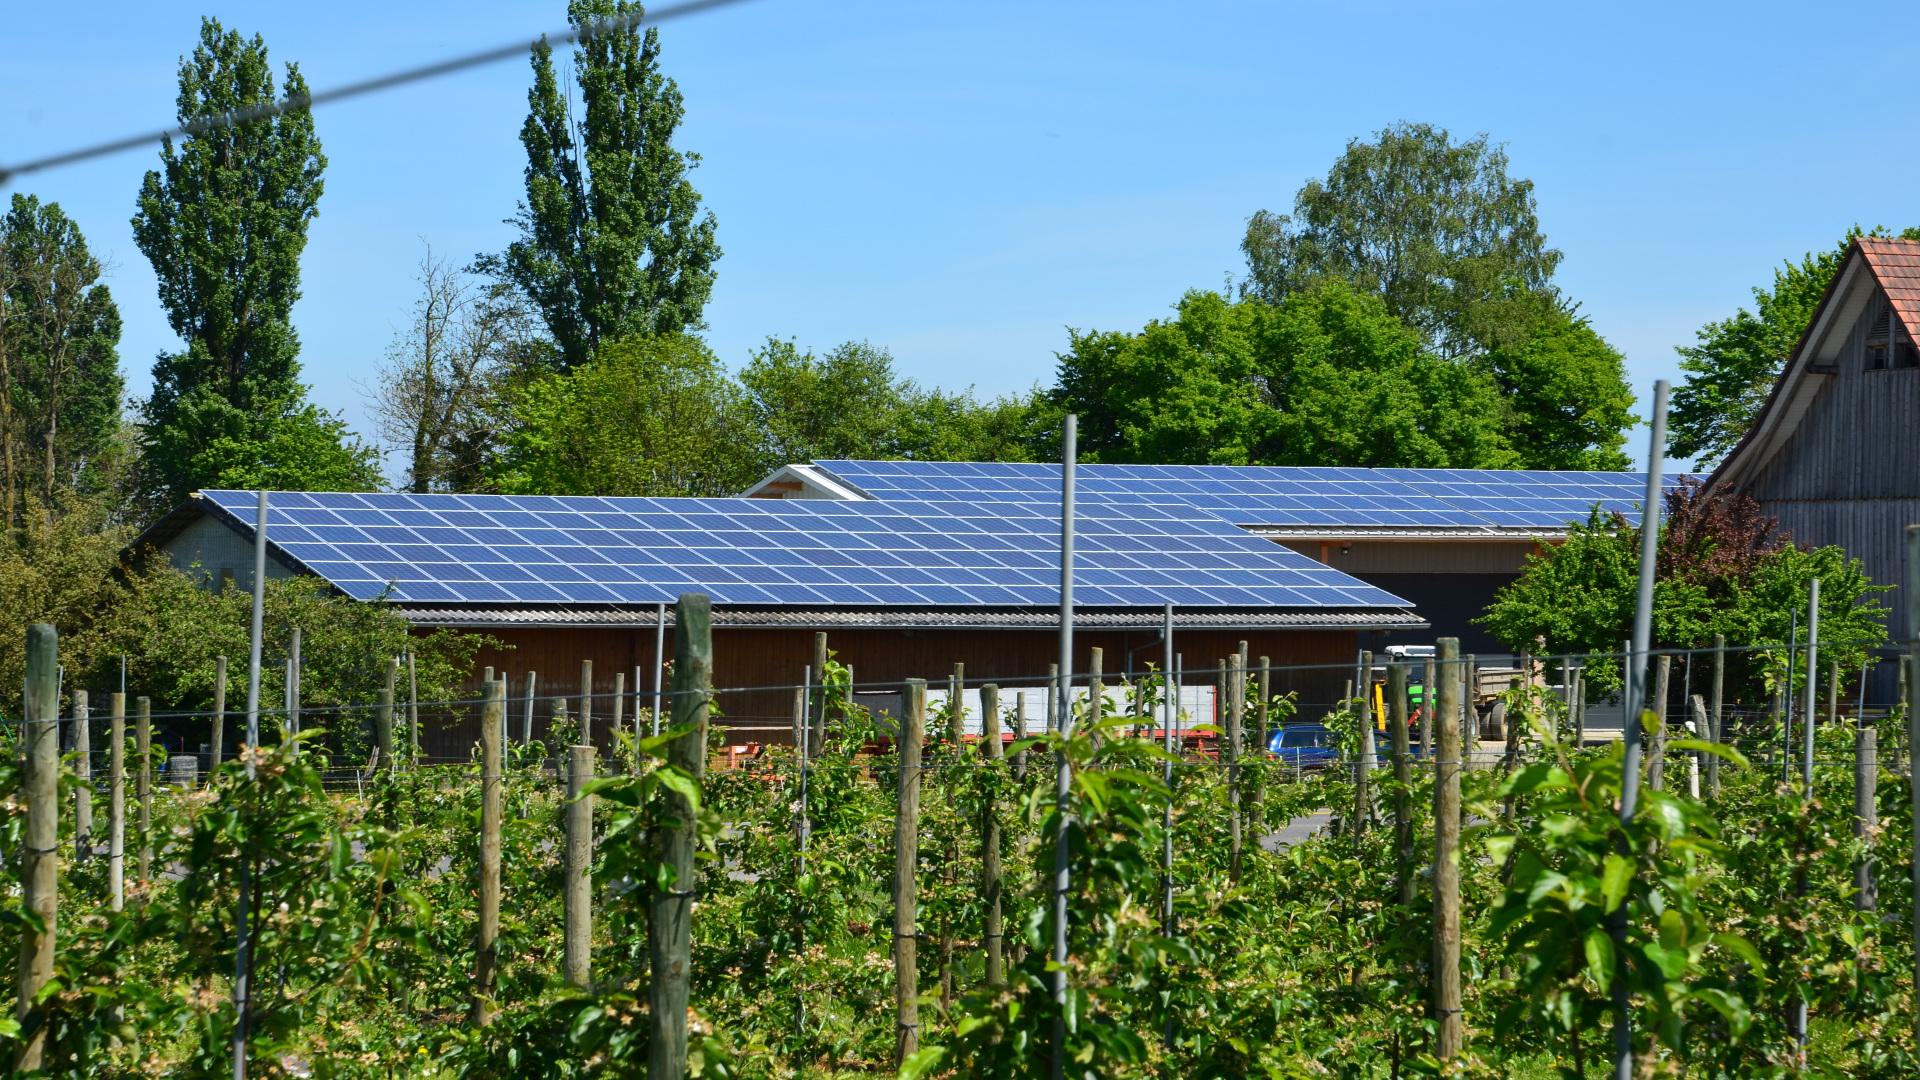 Instalar energías renovables en las explotaciones ganaderas 1920